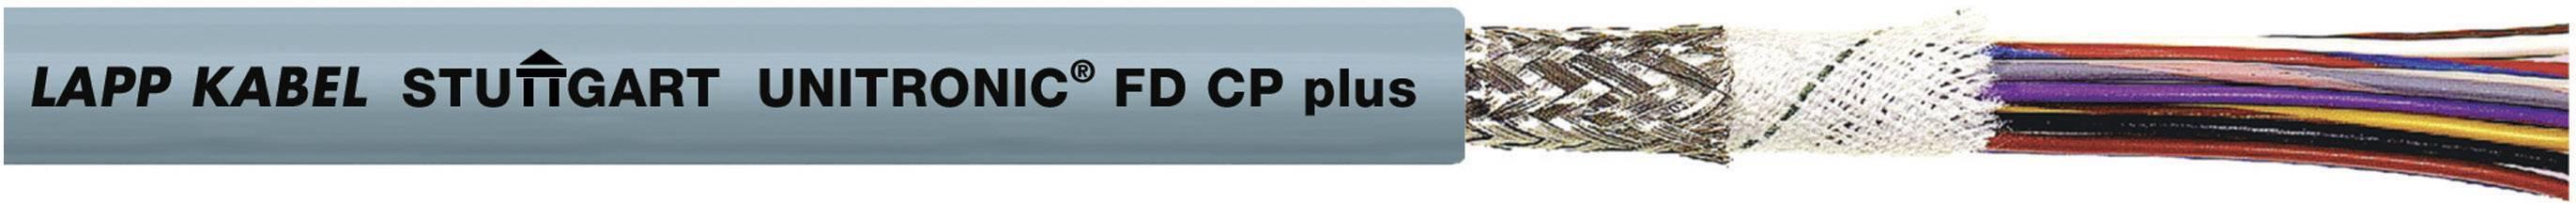 Datový kabel LappKabel UNITRONIC FD CP PLUS 25X0,14 (0028888), 25x 0,14 mm², Ø 8,9 mm, stíněný, 100 m, šedá